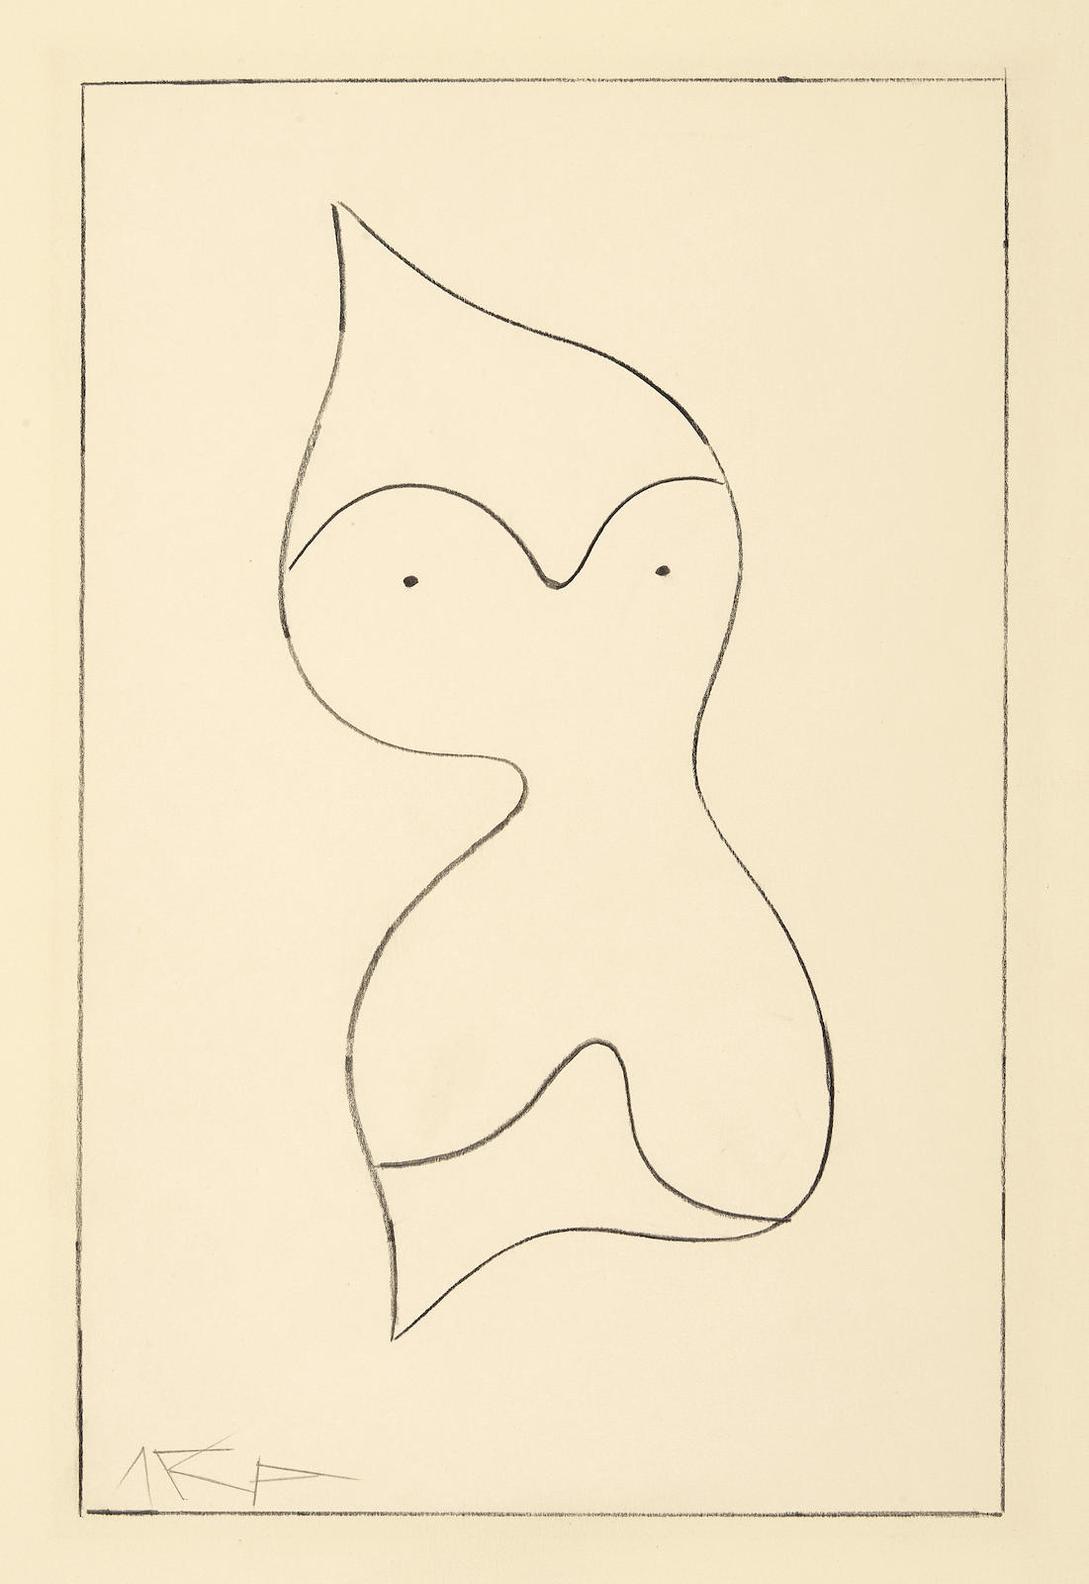 Jean Arp-Torse-Regard-1959